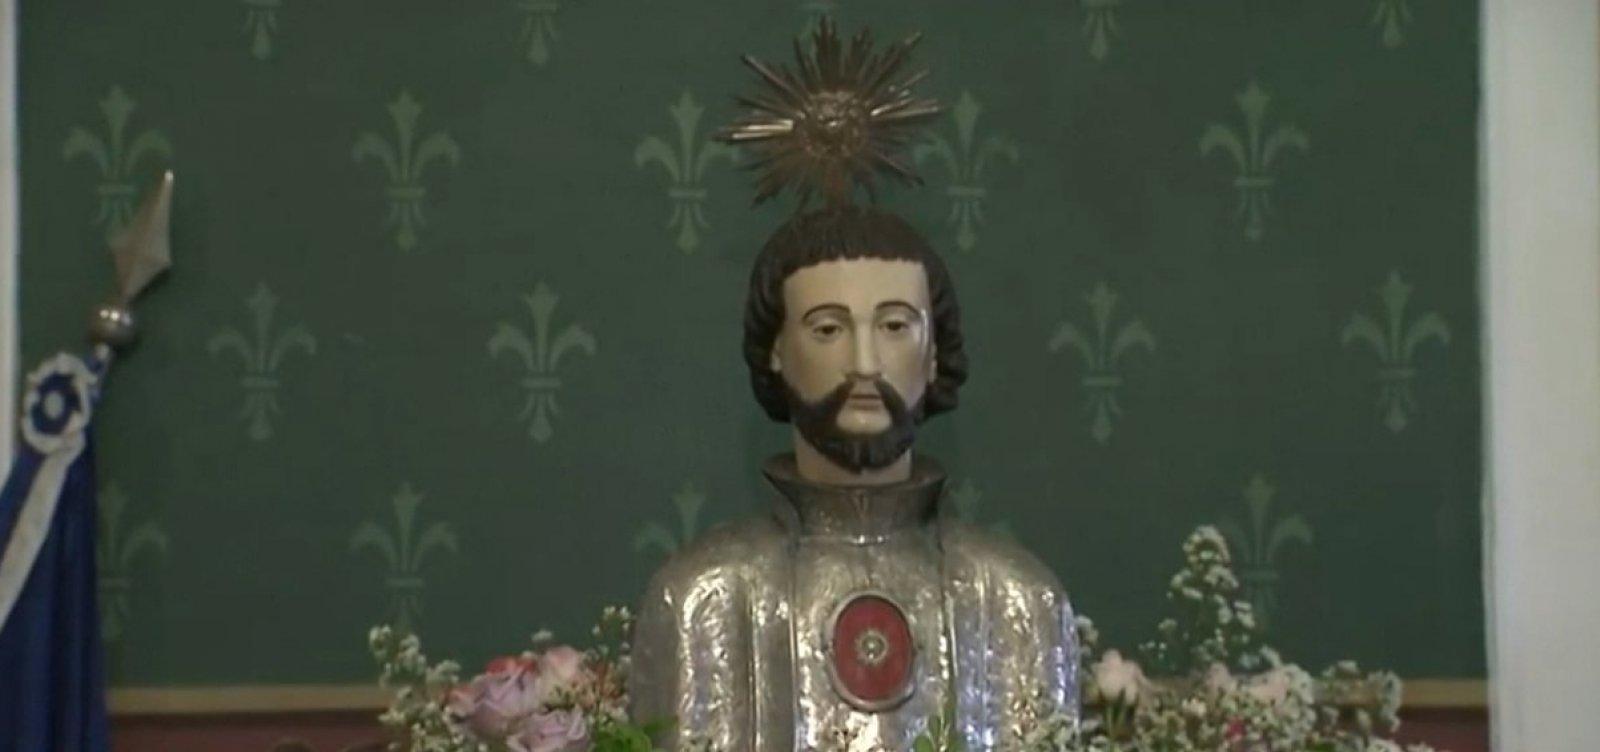 Padroeiro de Salvador é celebrado amanhã